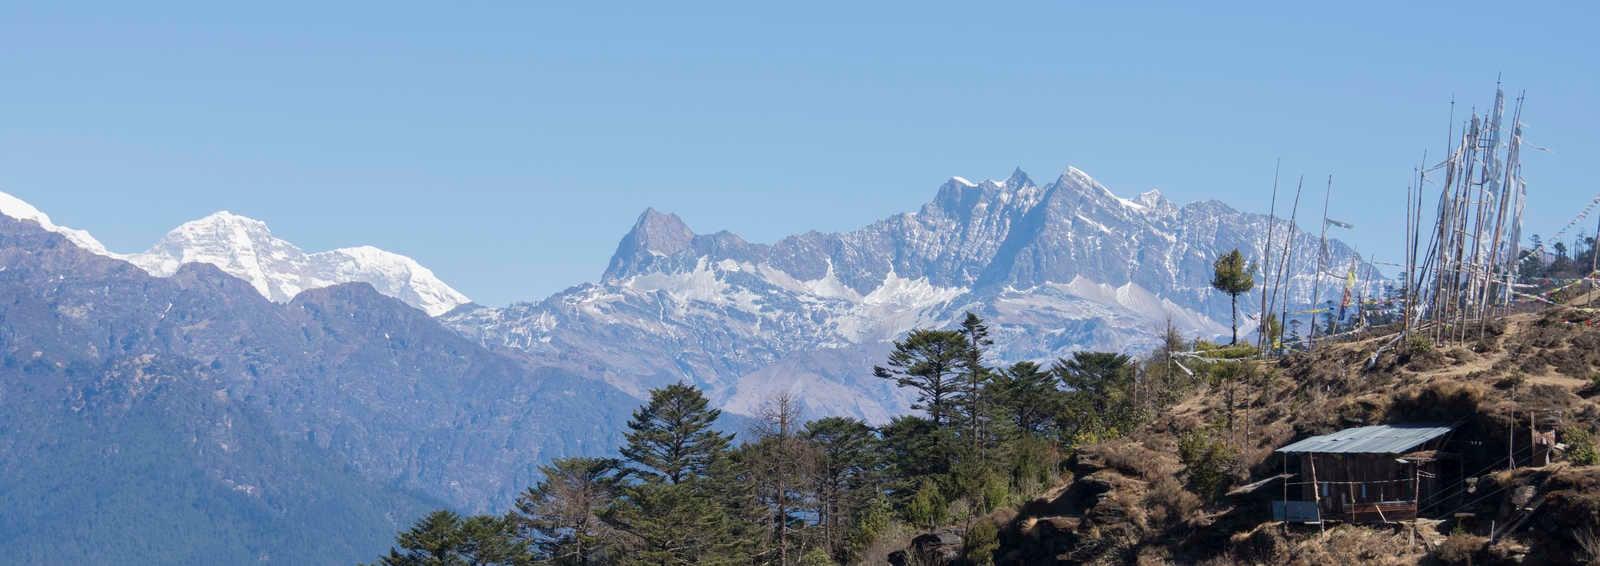 Bhutan Druk Path Trek Exodus